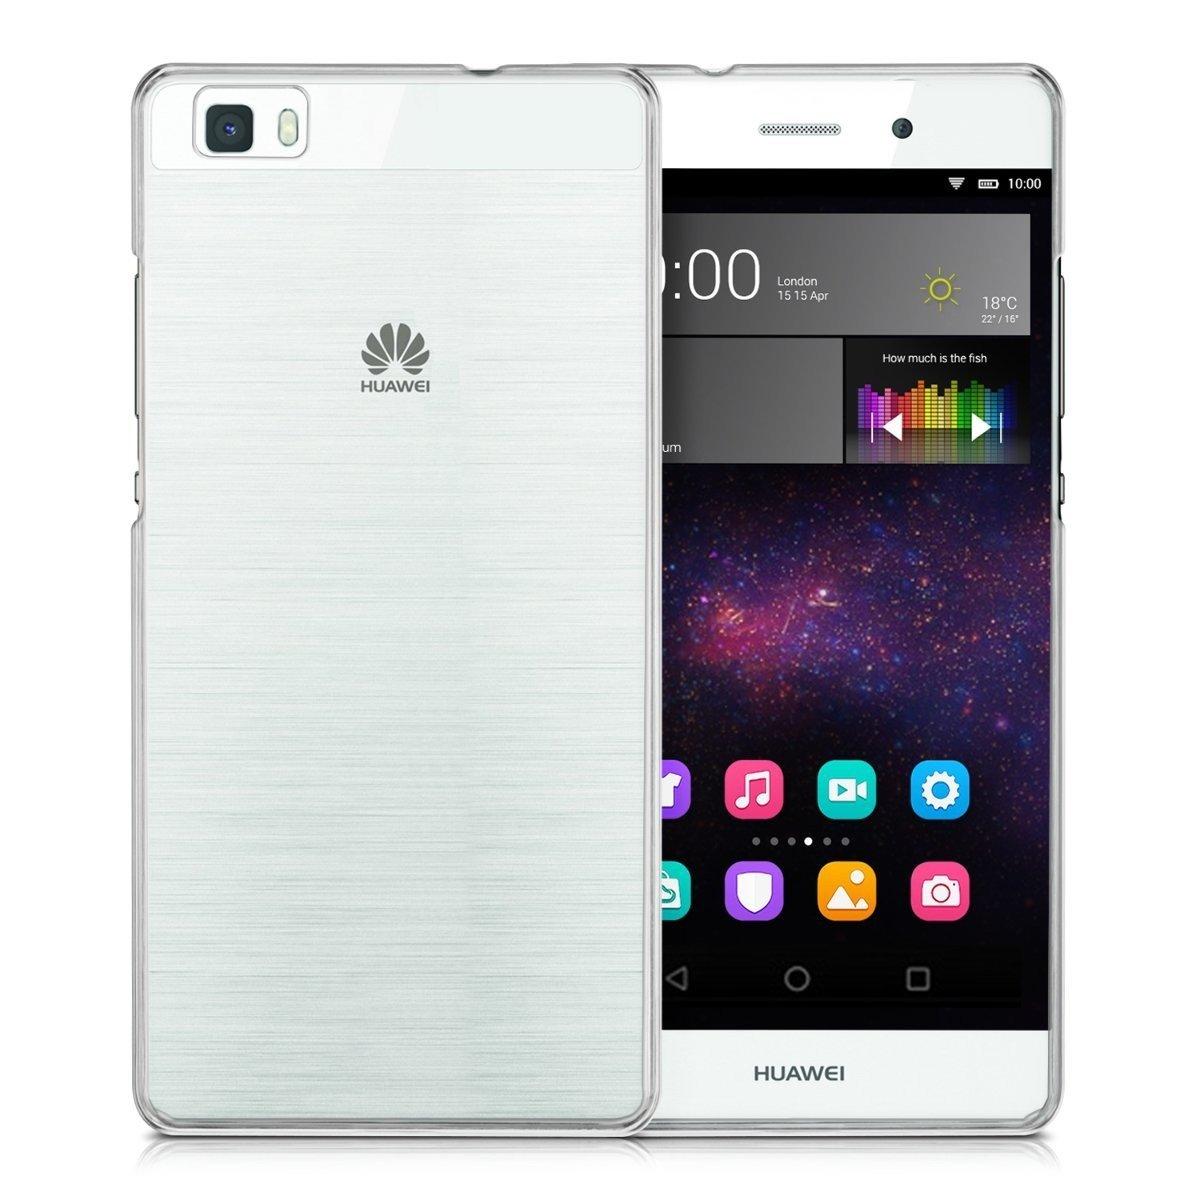 Doorzichtige huawei p8 lite hard case online kopen for Huawei p8 te koop